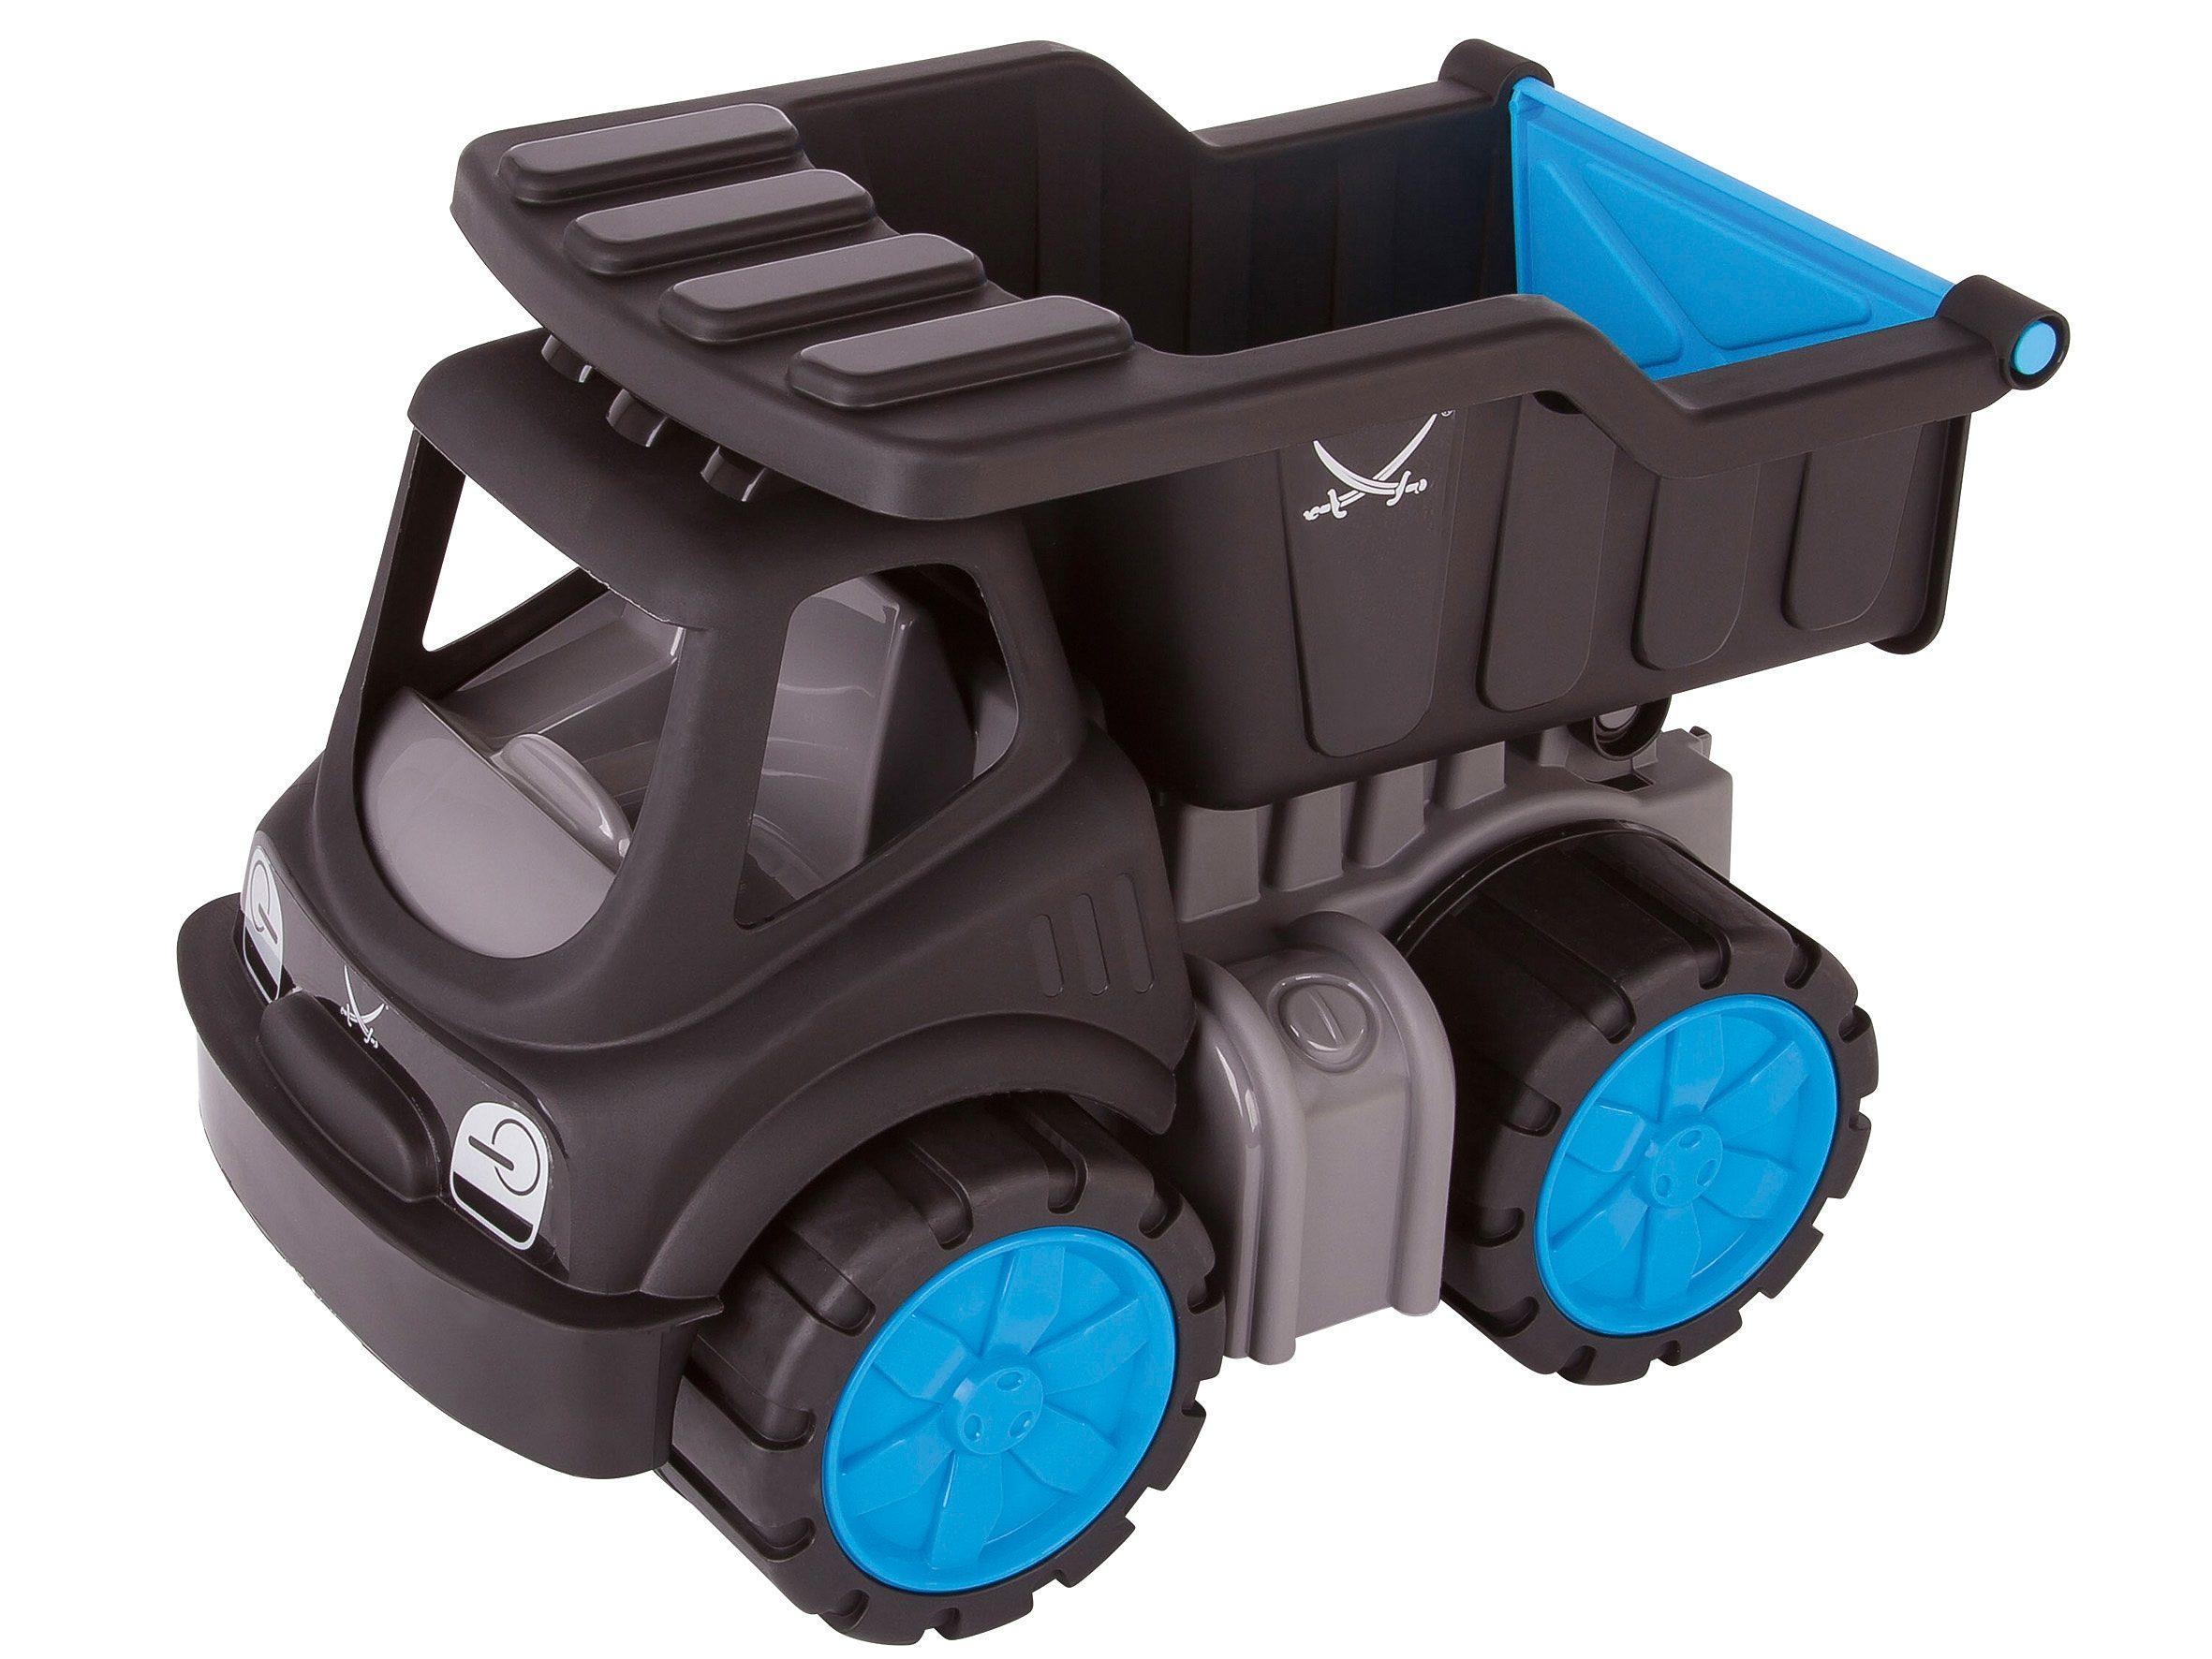 BIG Spielfahrzeug mit kippbarer Ladefläche, »BIG Power Worker Kipper Sansibar«